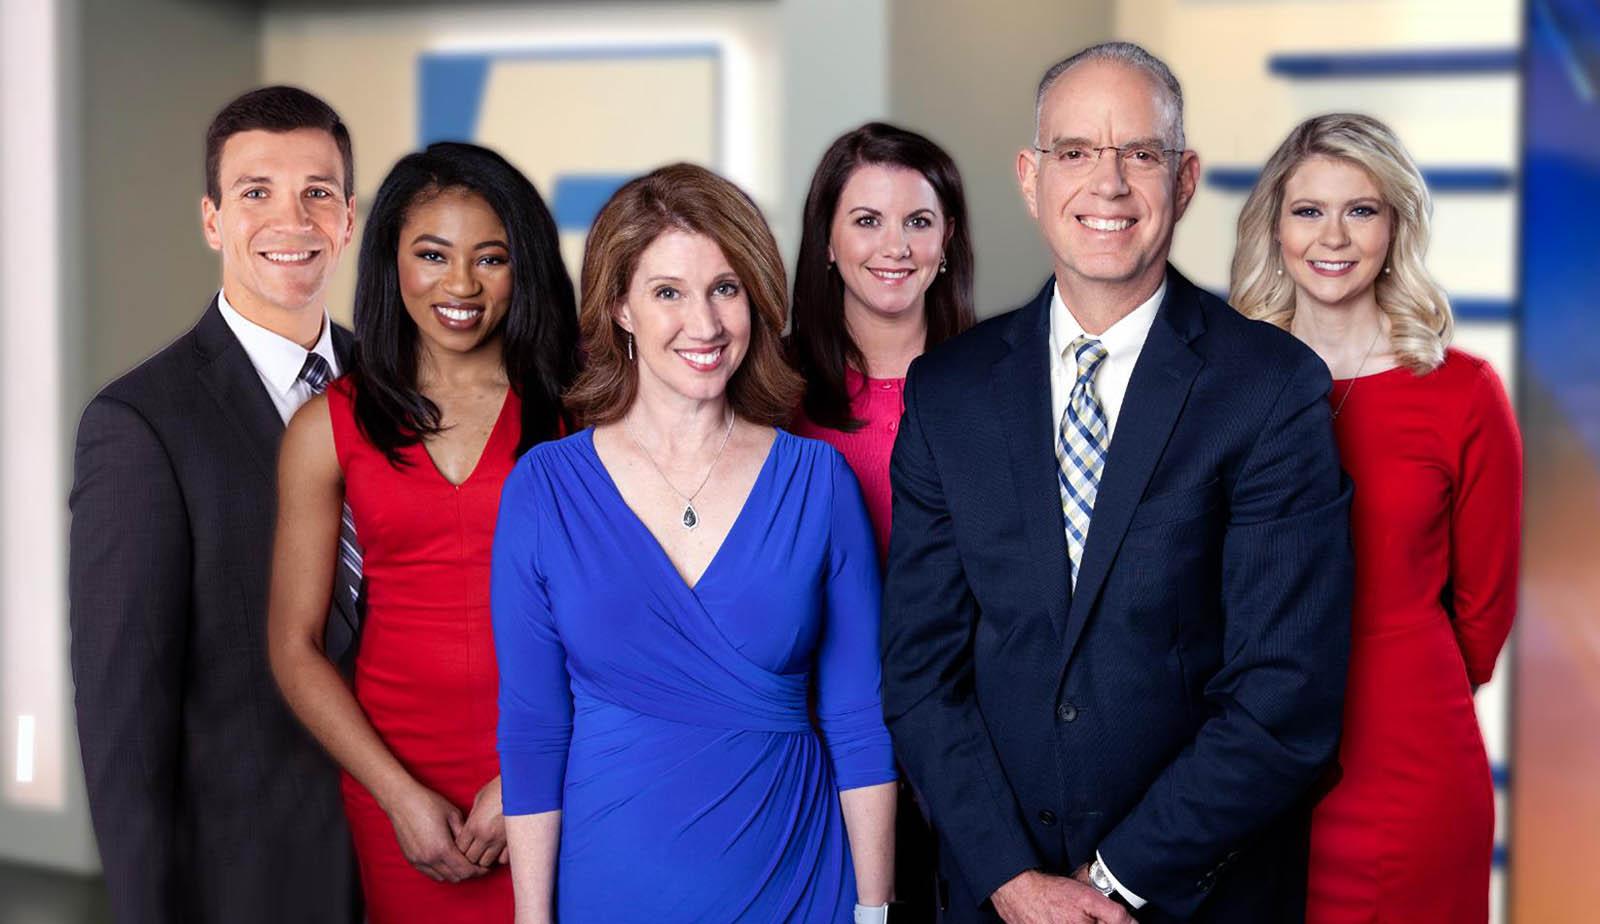 WRAL News News Team